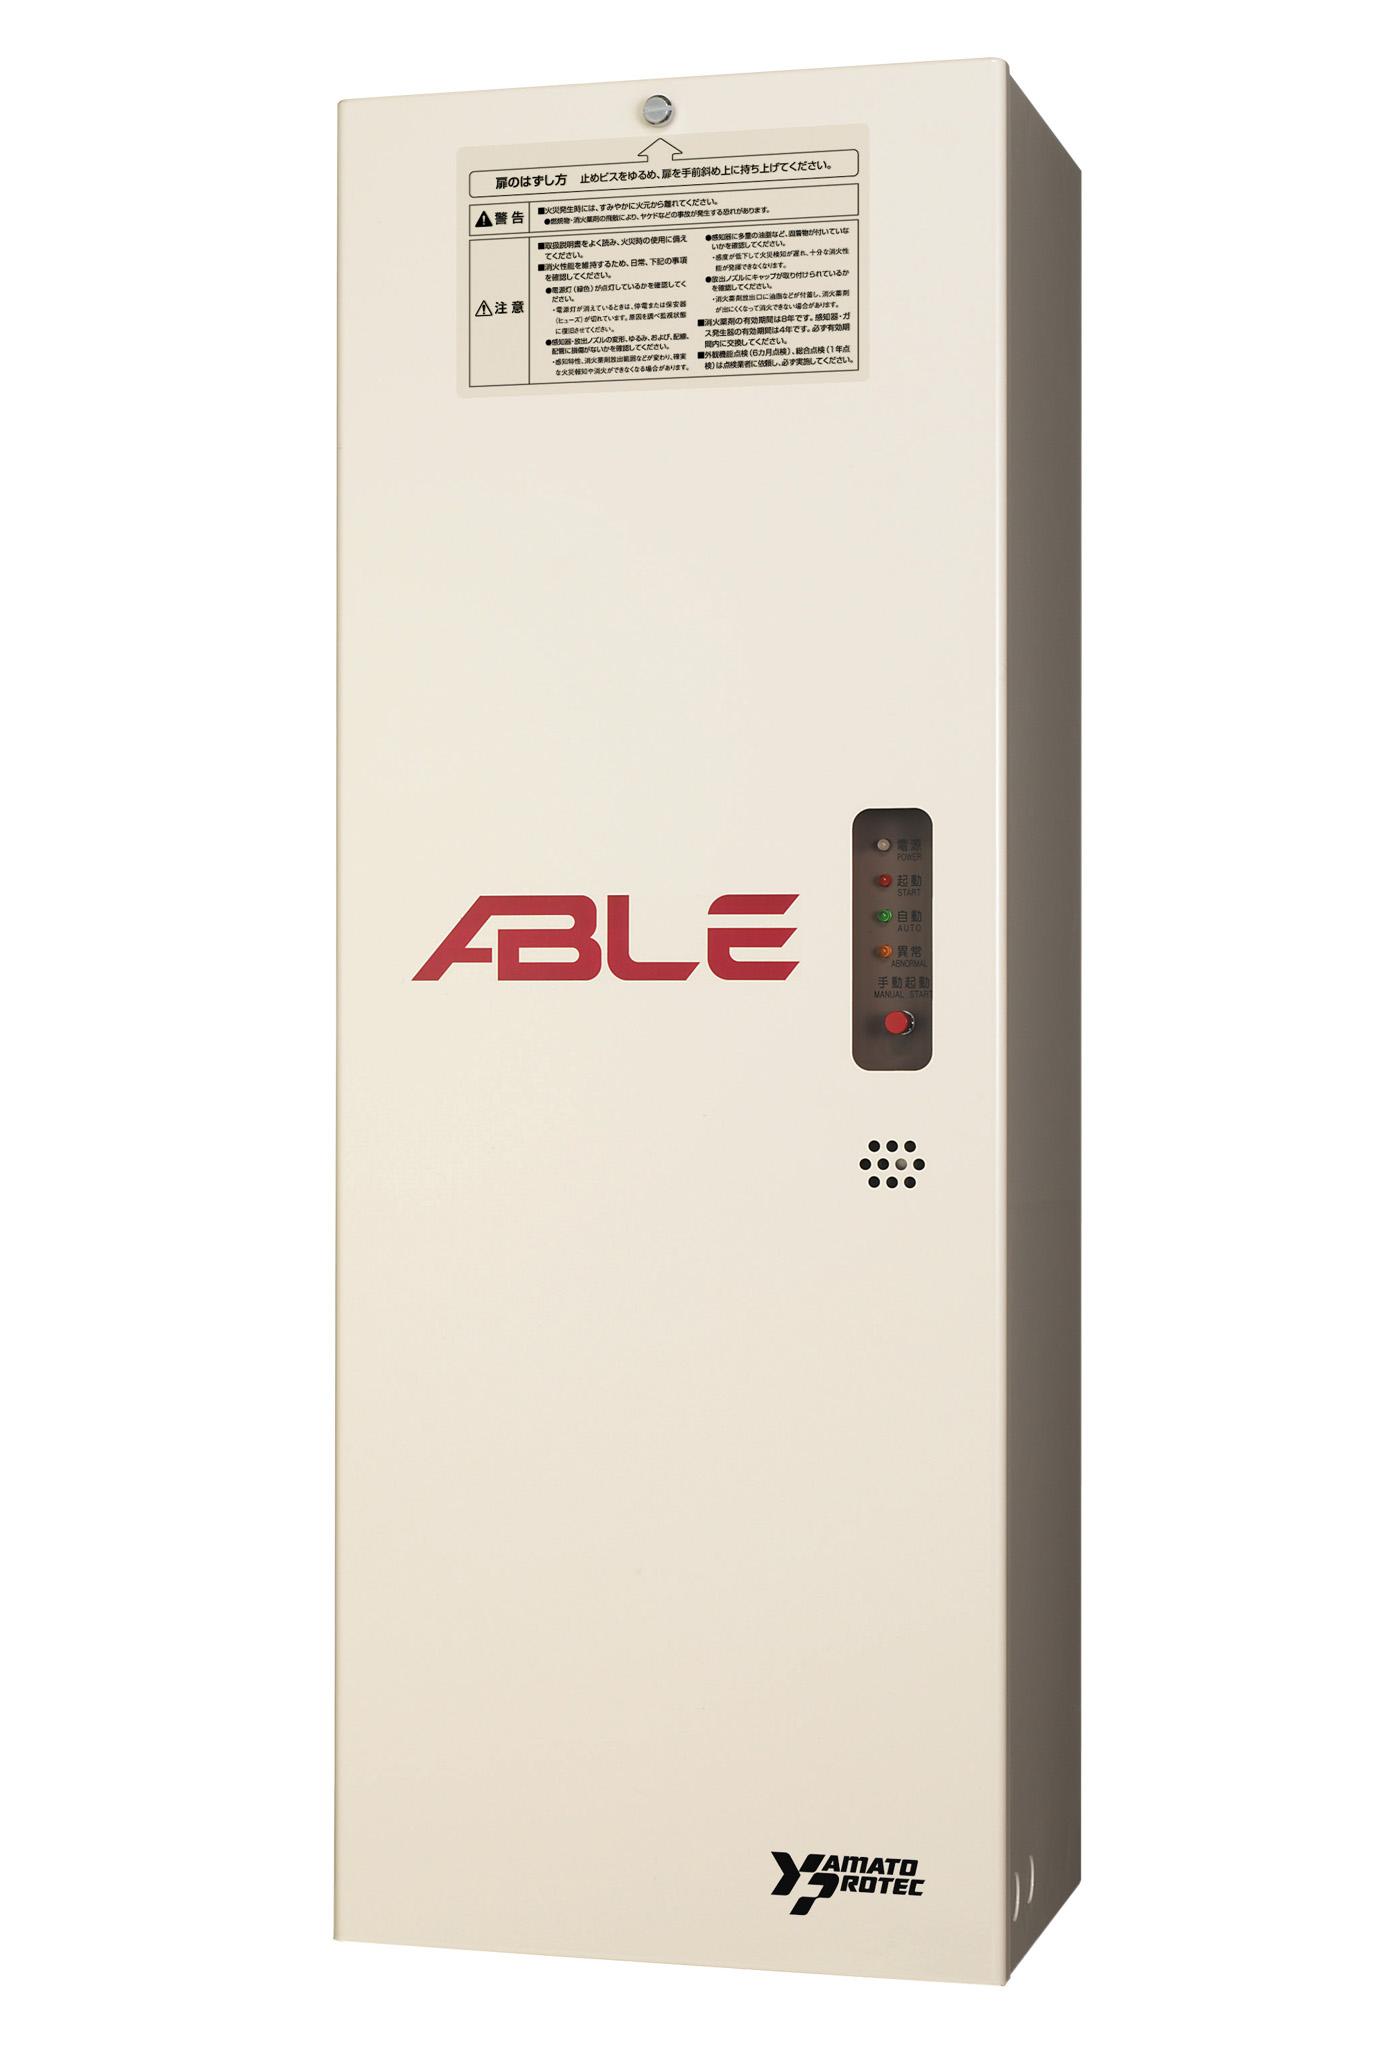 産業機器用自動消火装置 増設型  エイブル